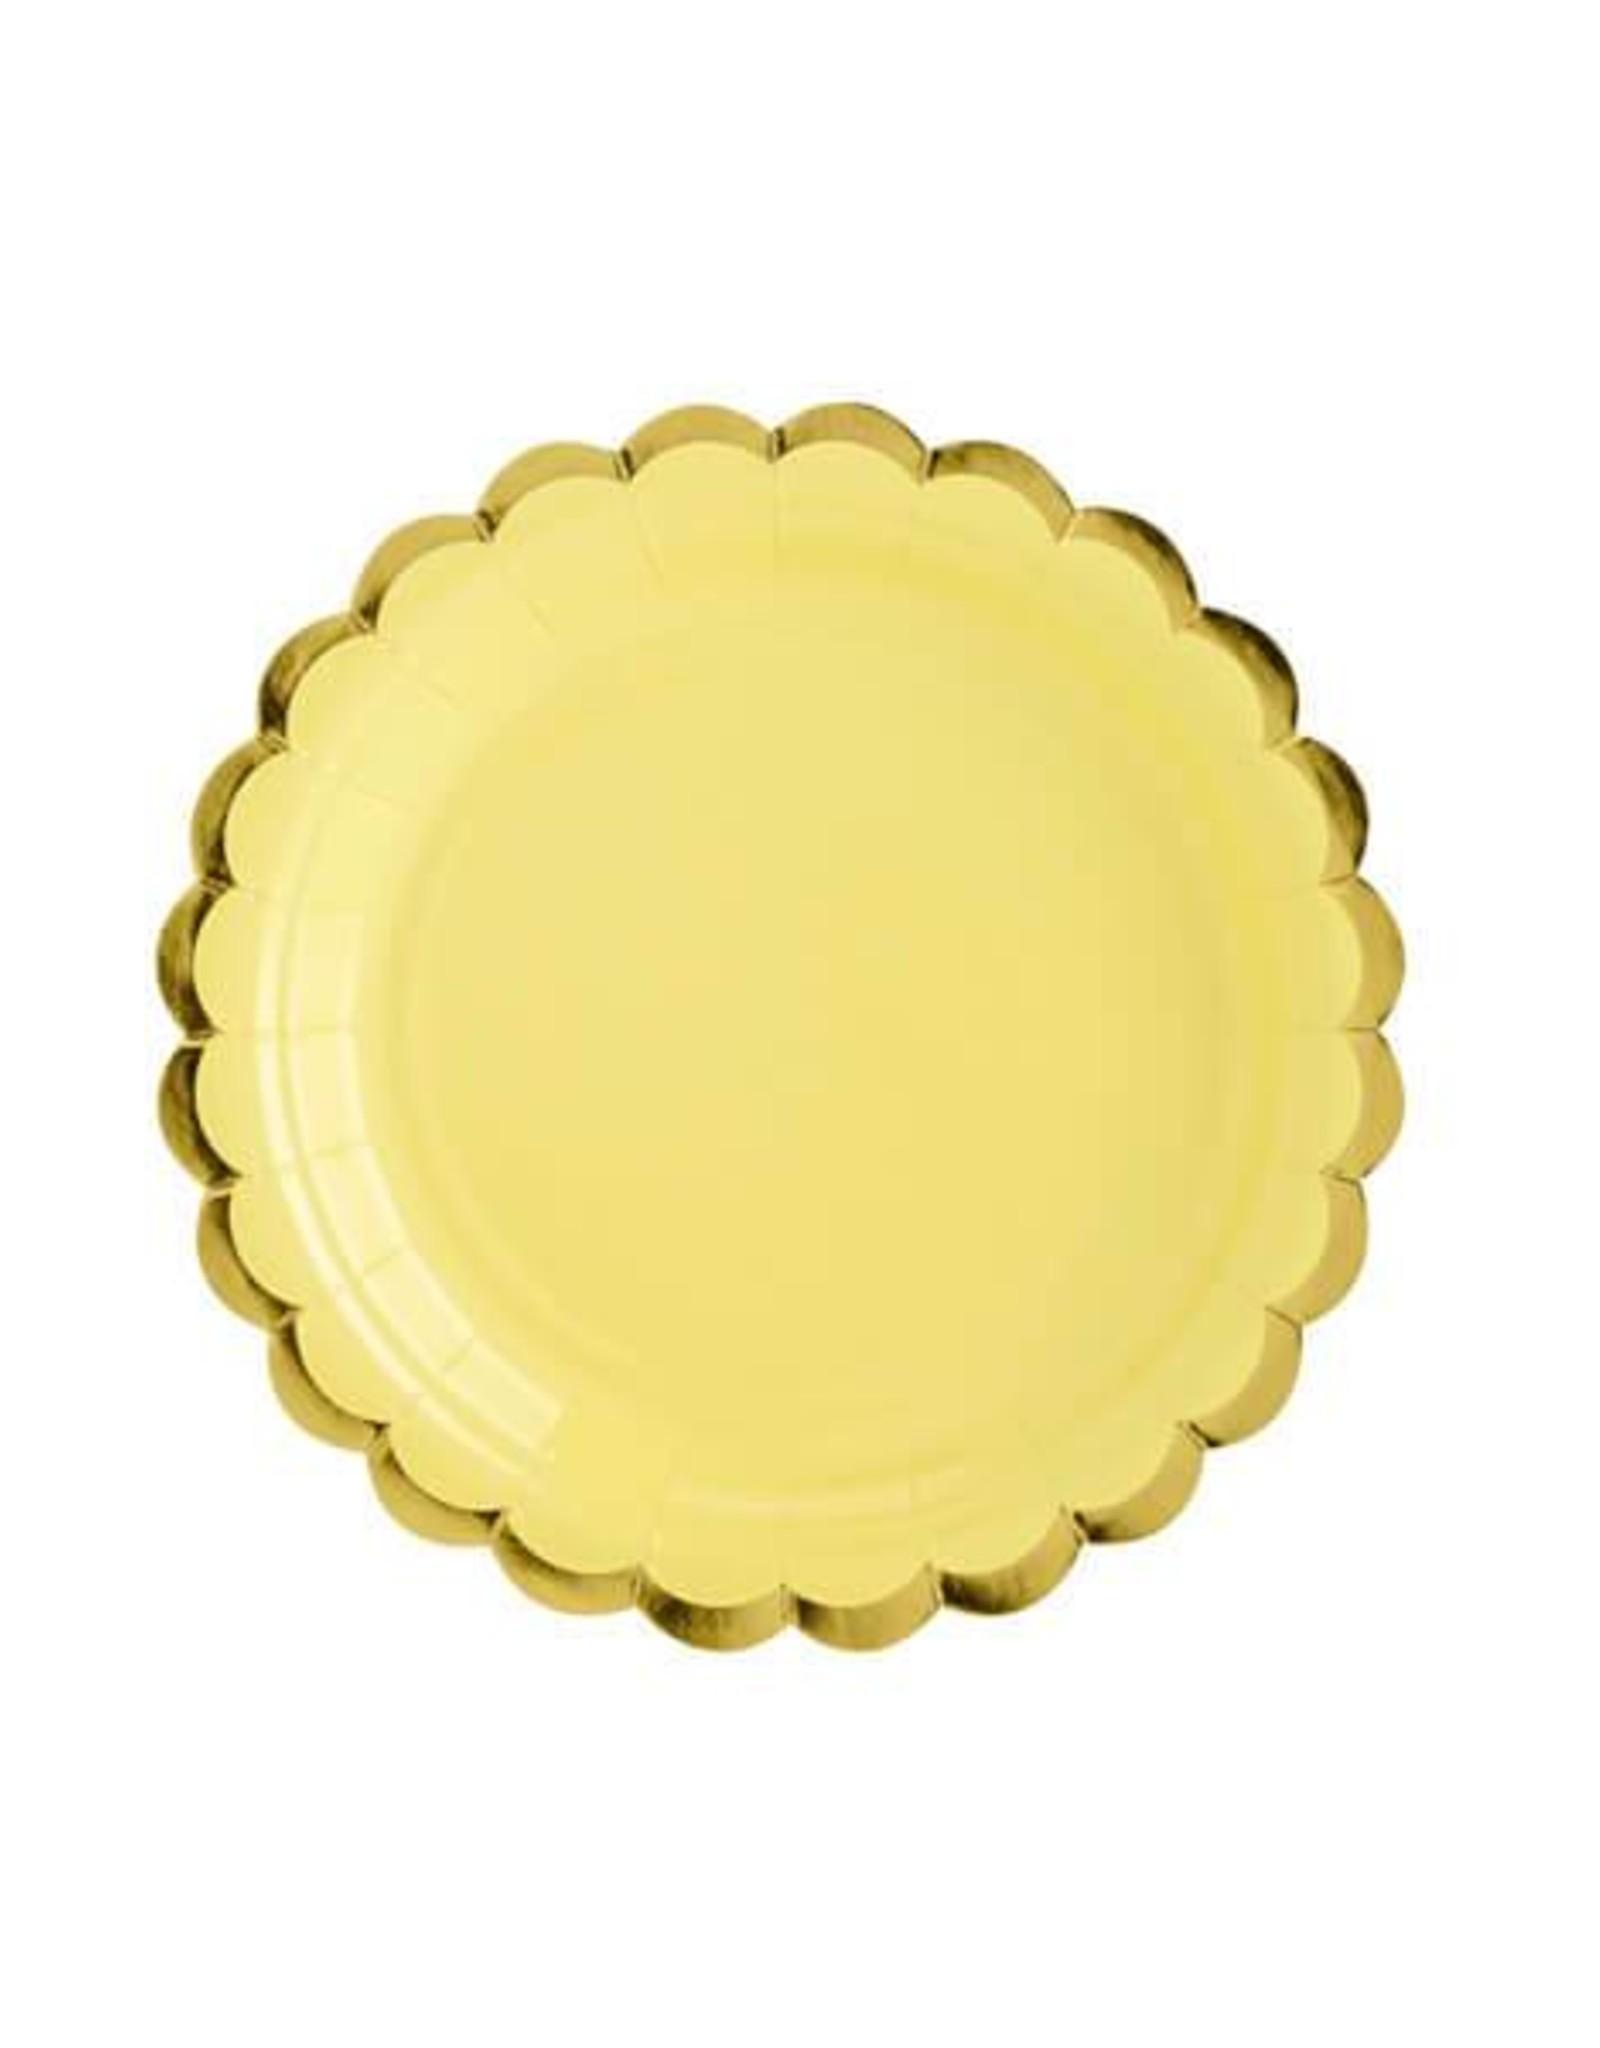 PartyDeco Papieren bordjes geel met goud - 6 stuks